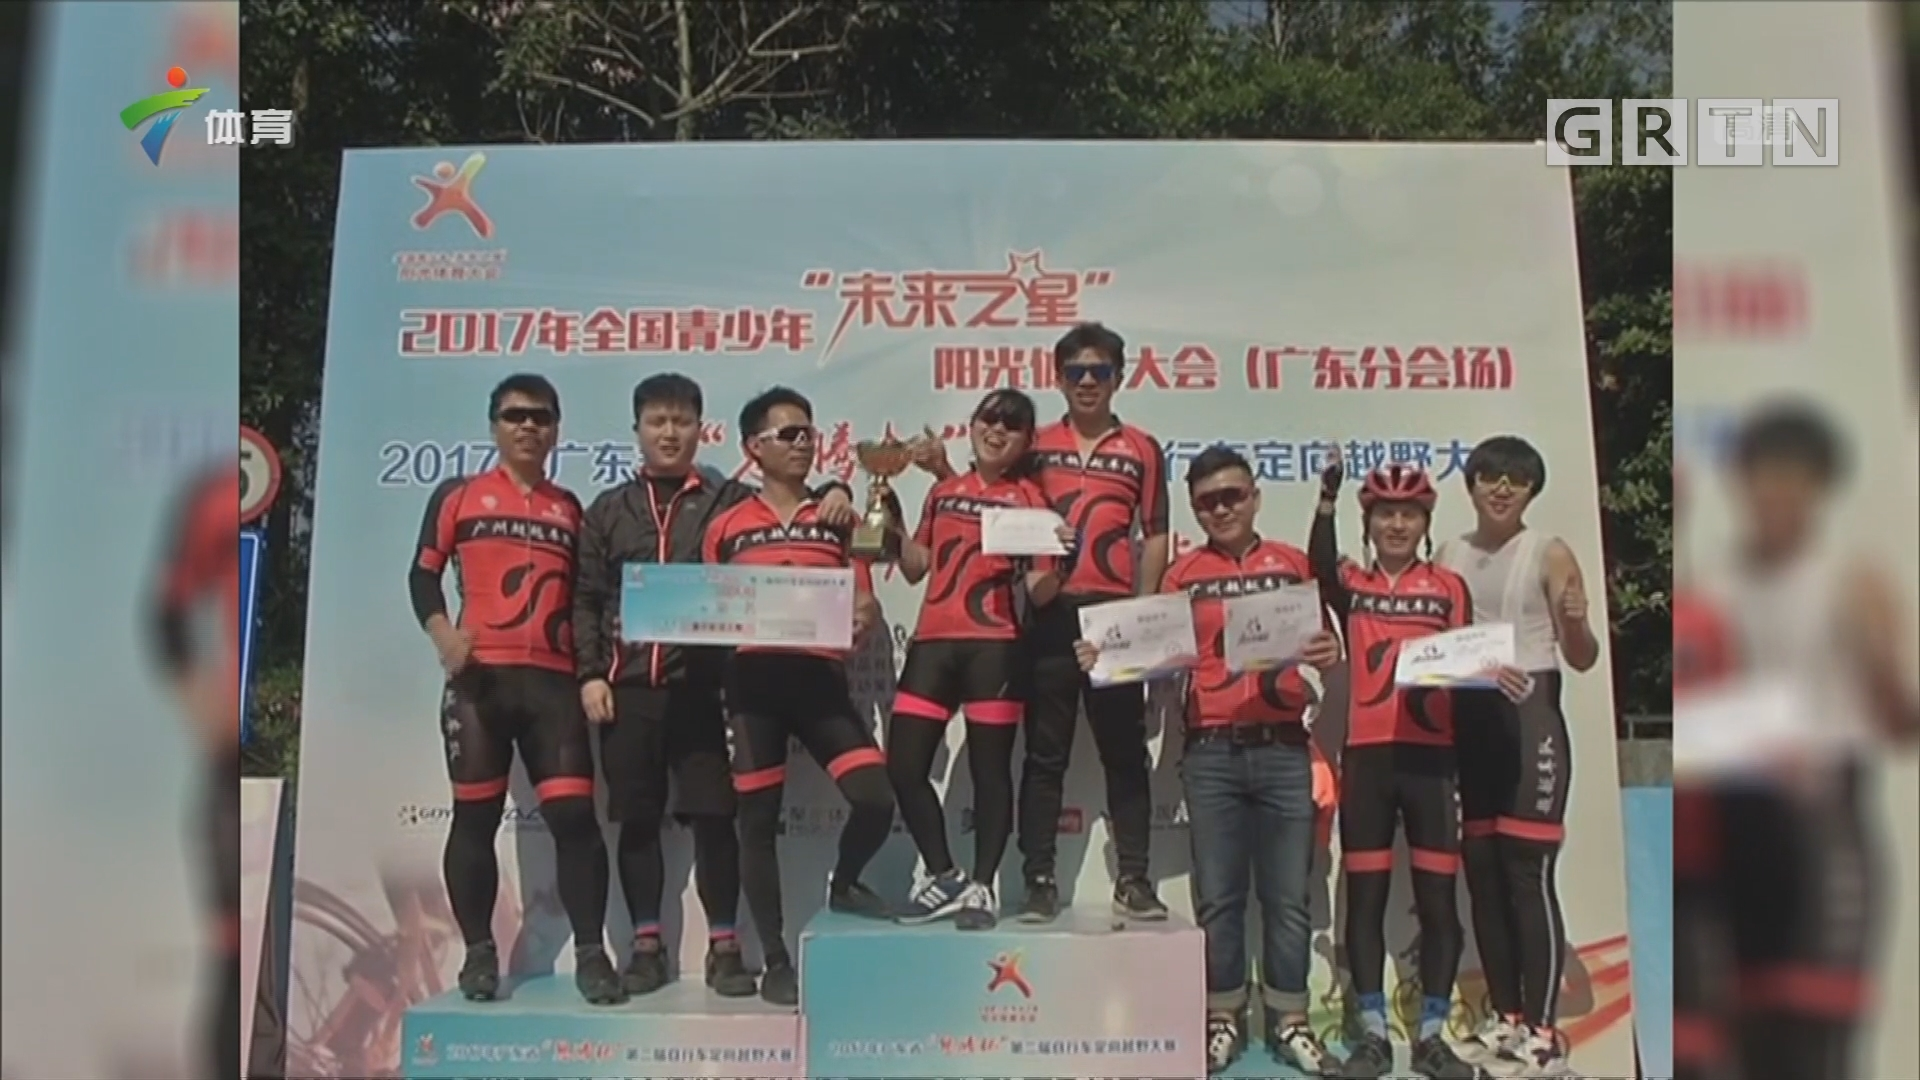 广东省第二届自行车定向越野赛顺利开赛